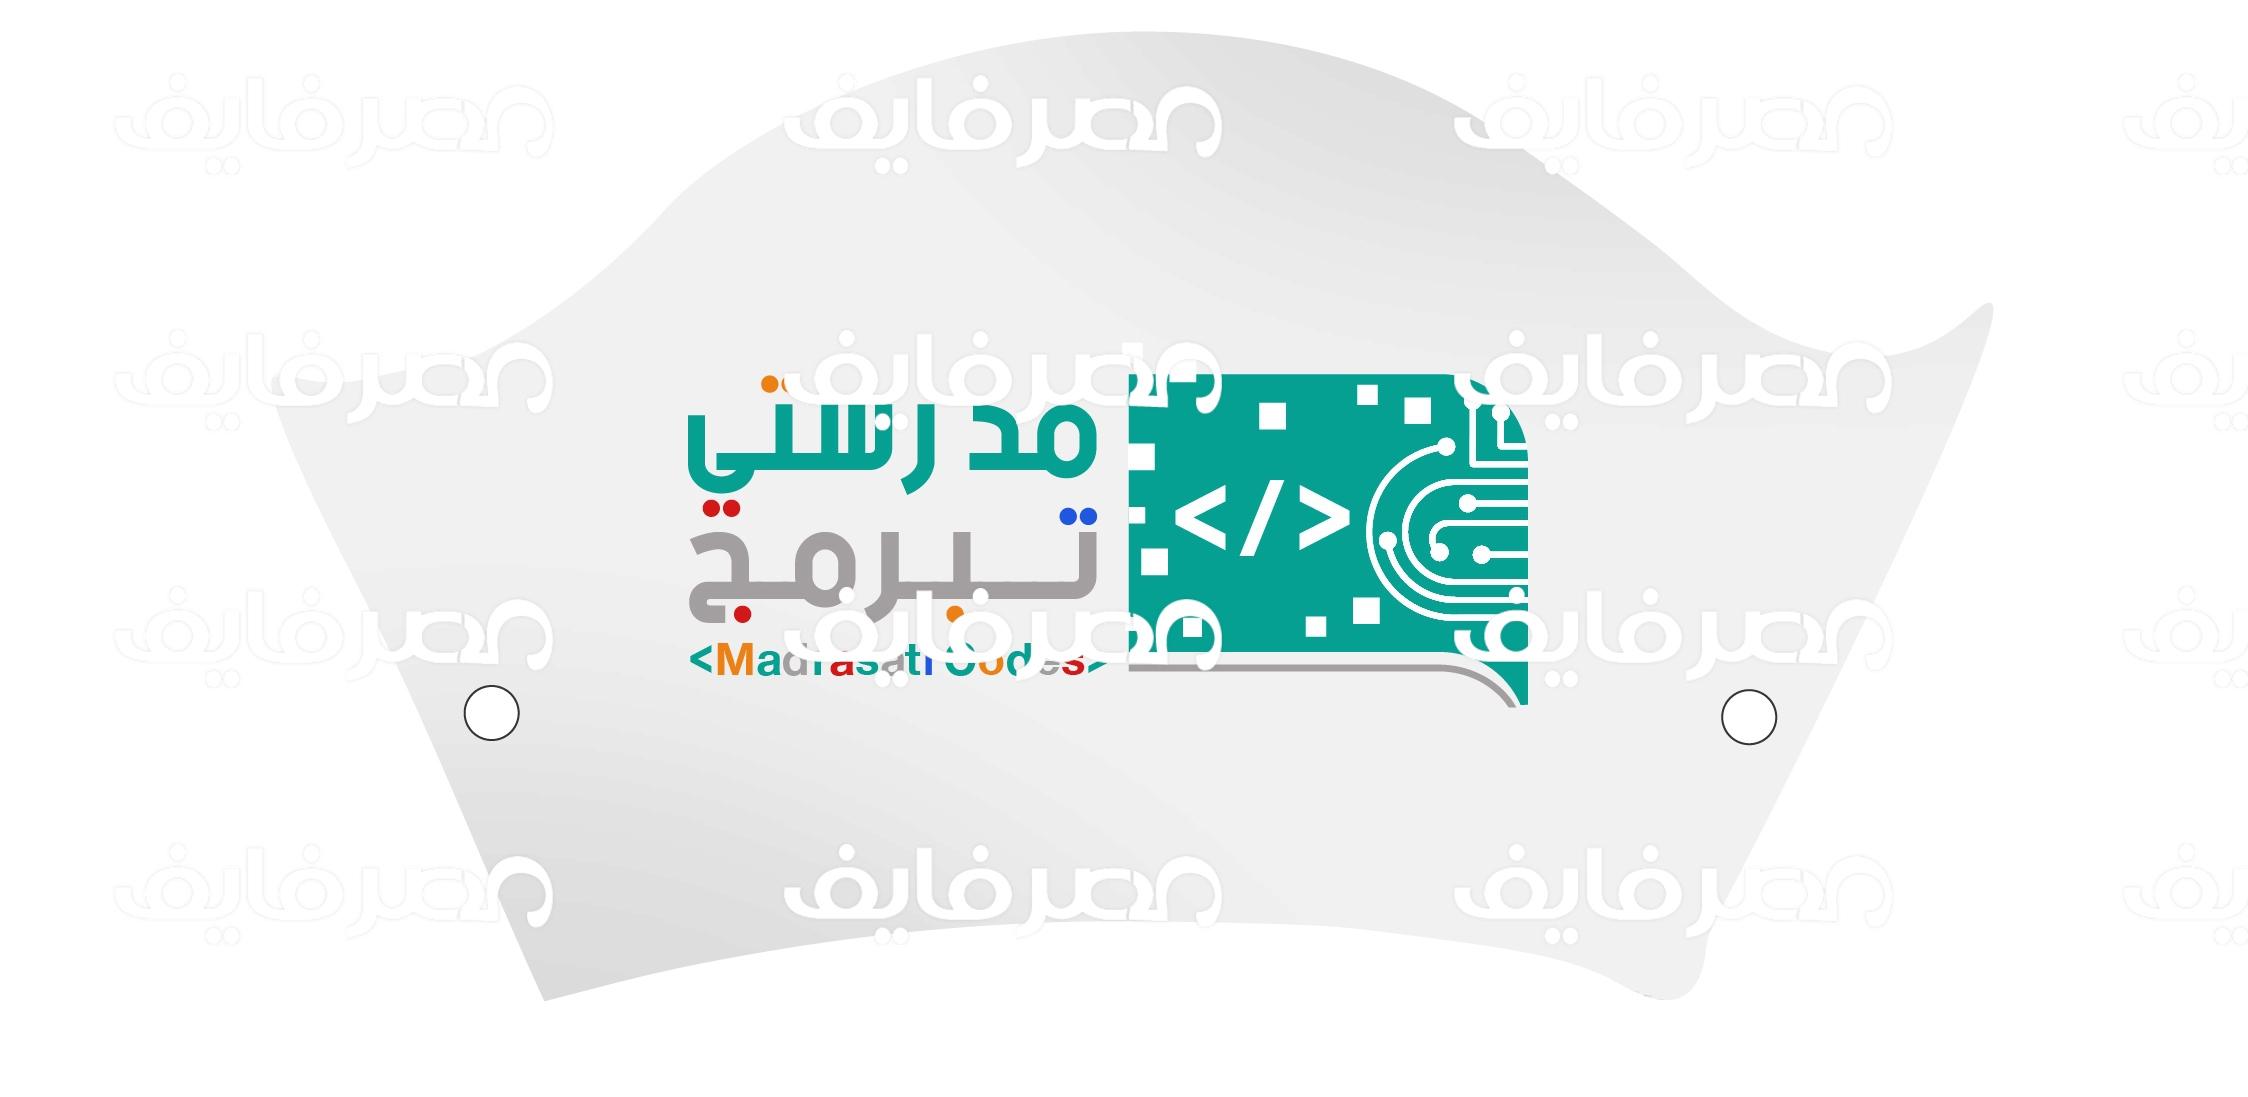 منصة مدرستي السعودية التعليمية تفعل مسابقة مدرستي تبرمج باستخدام لعبة ماين كرافت وخطوات الاشتراك في المسابقة